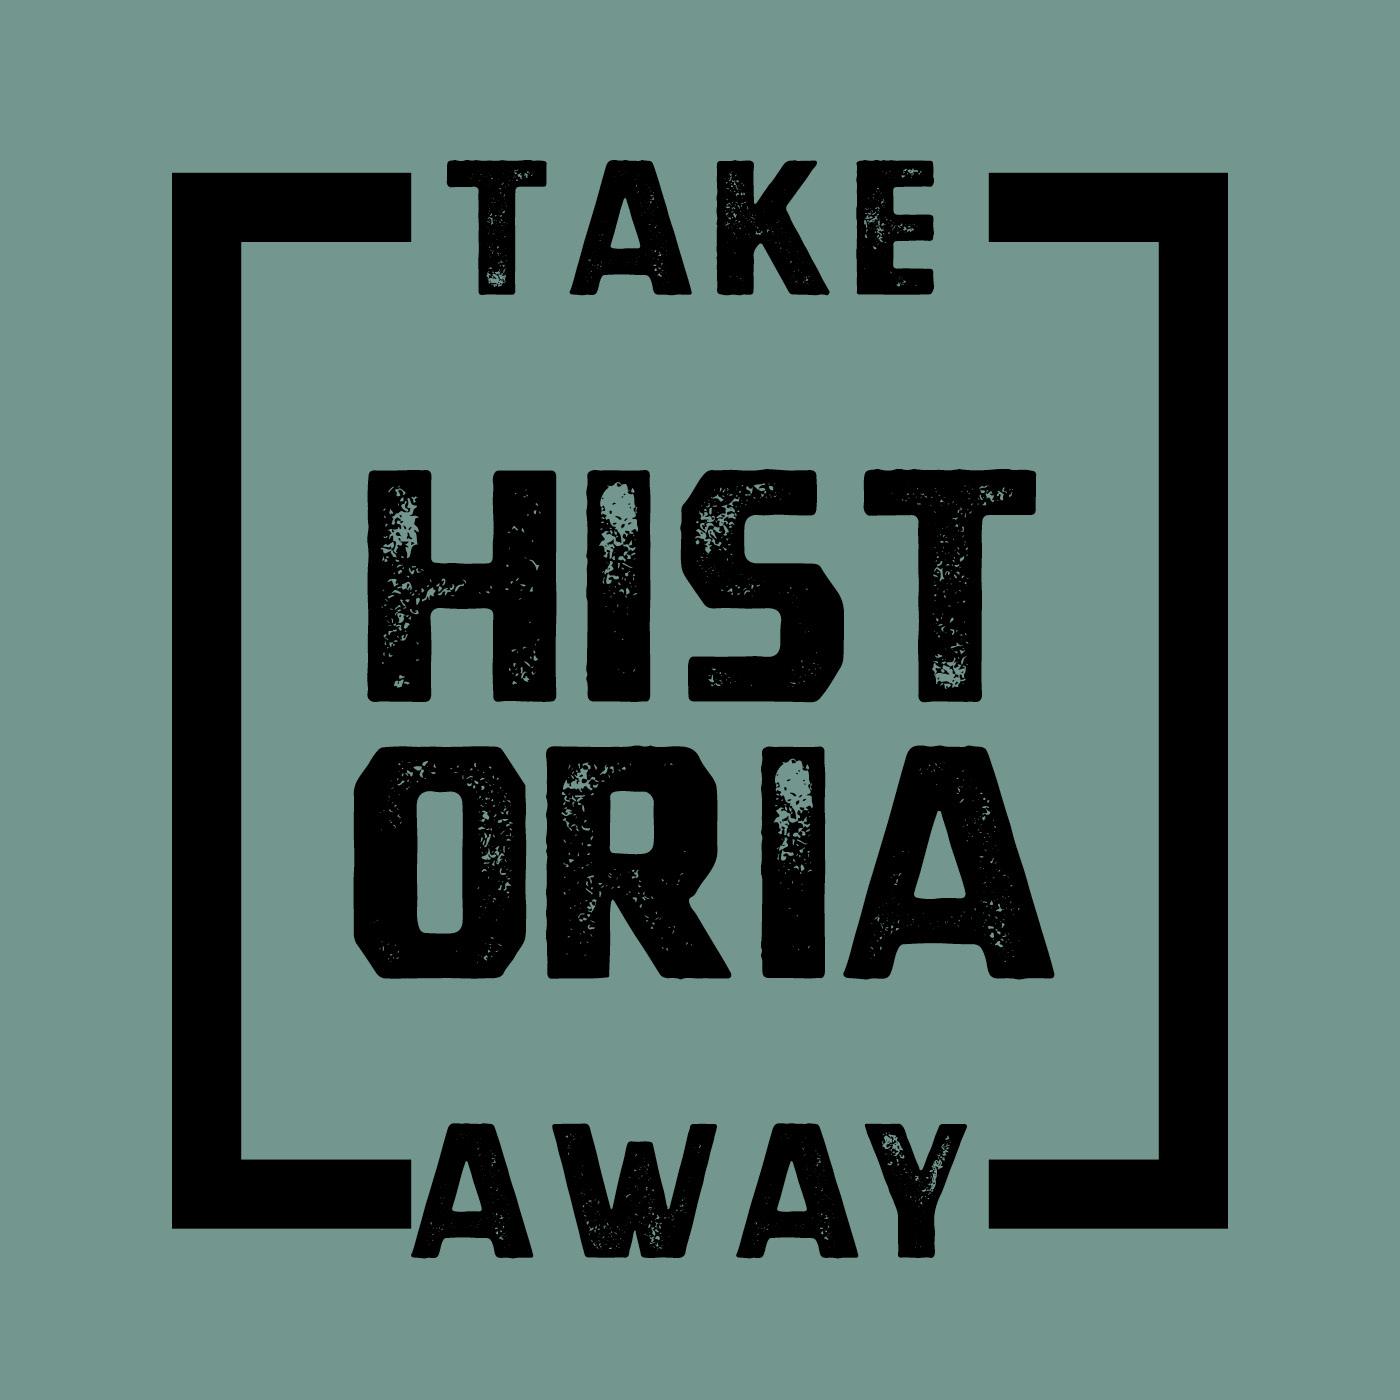 logo-take away